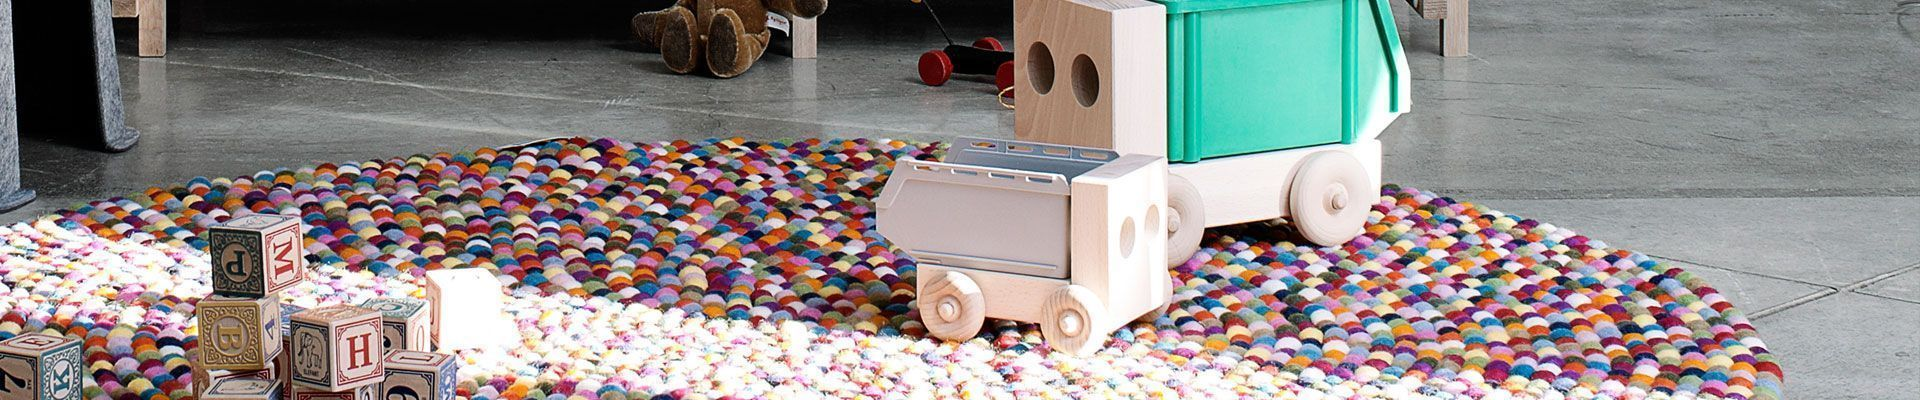 HAY tapijten